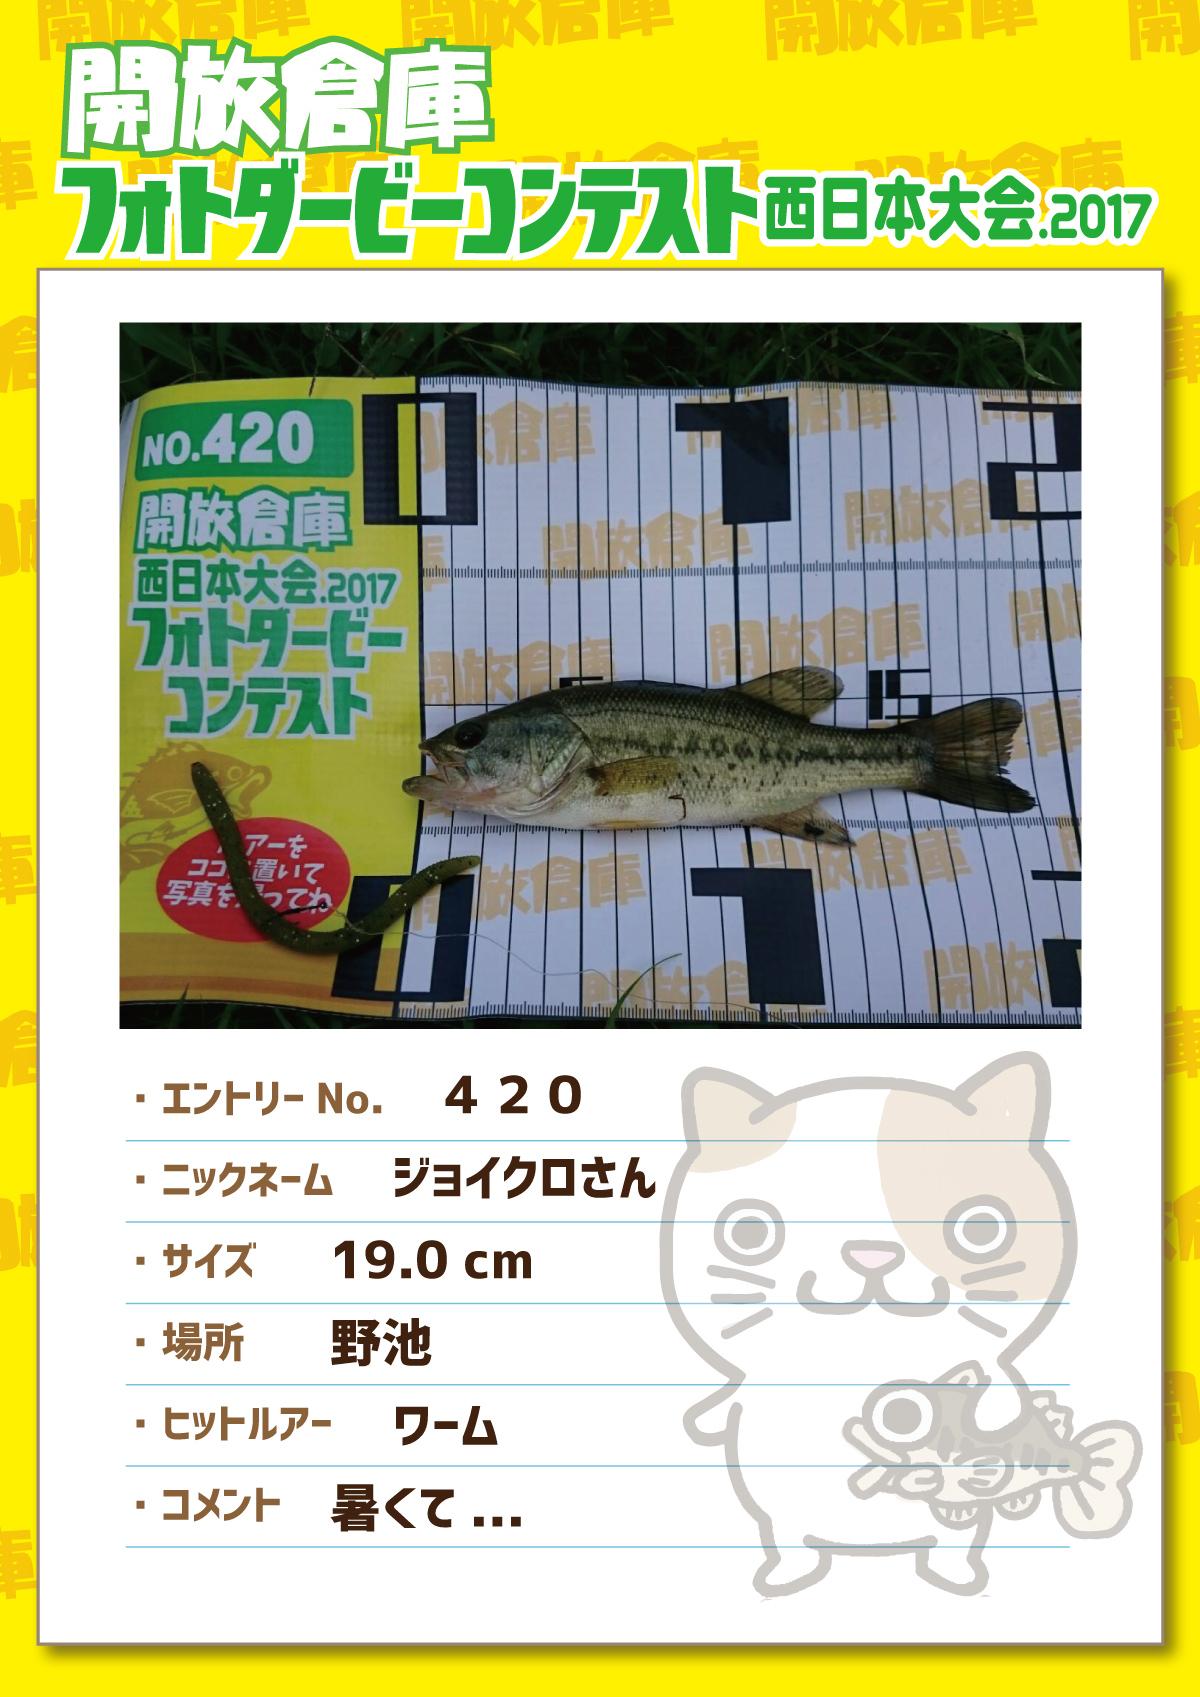 No.420 ジョイクロさん 19.0cm 野池 ワーム 暑くて...